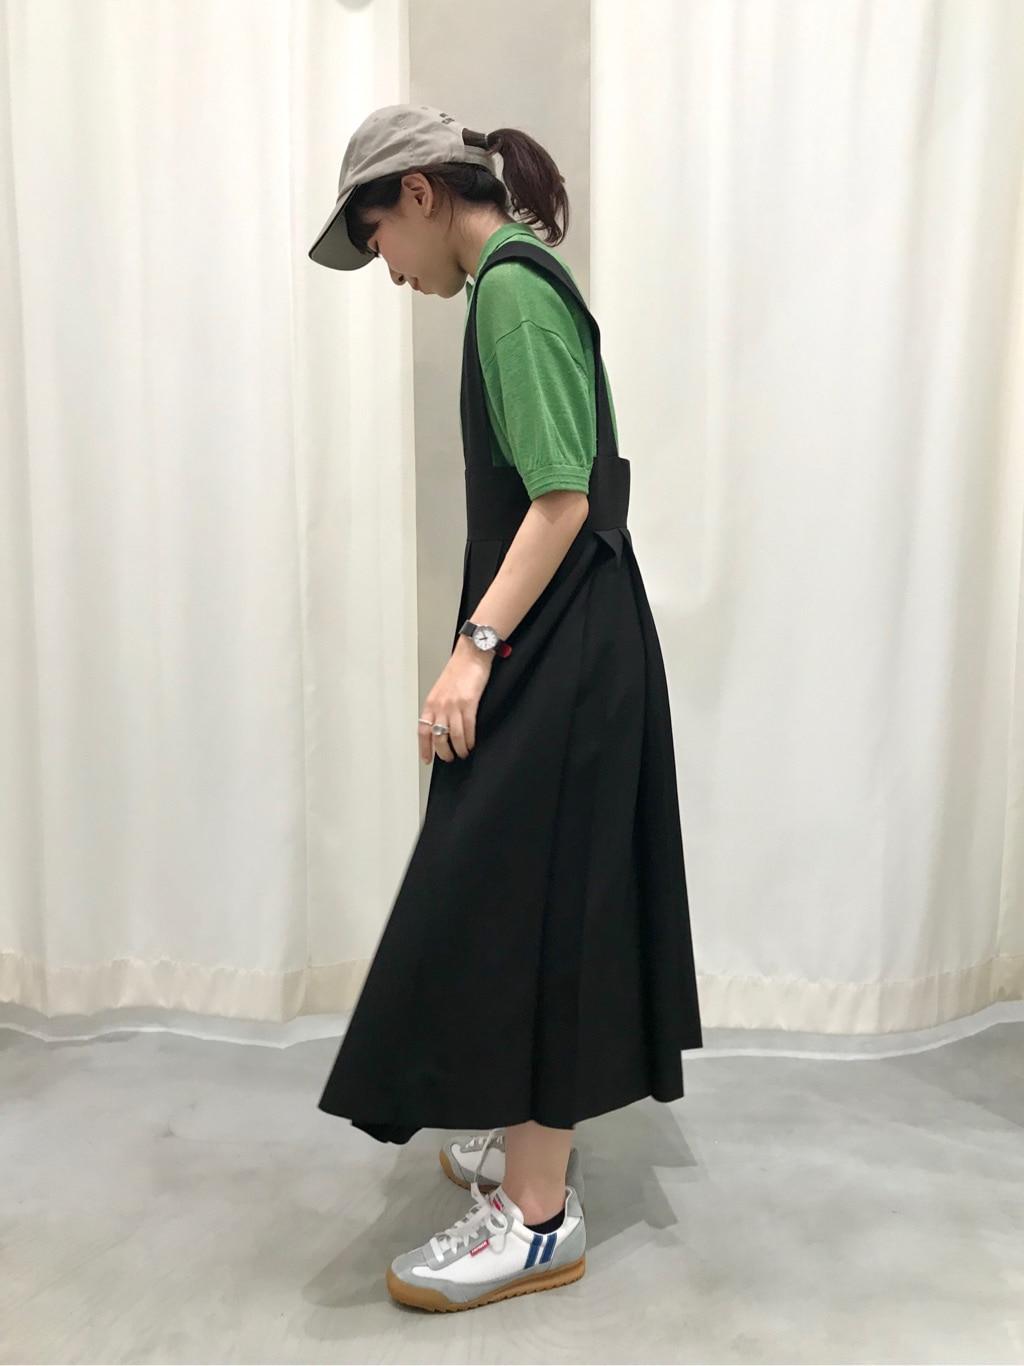 AMB SHOP PAR ICI CHILD WOMAN,PAR ICI ルミネ横浜 身長:154cm 2020.06.10